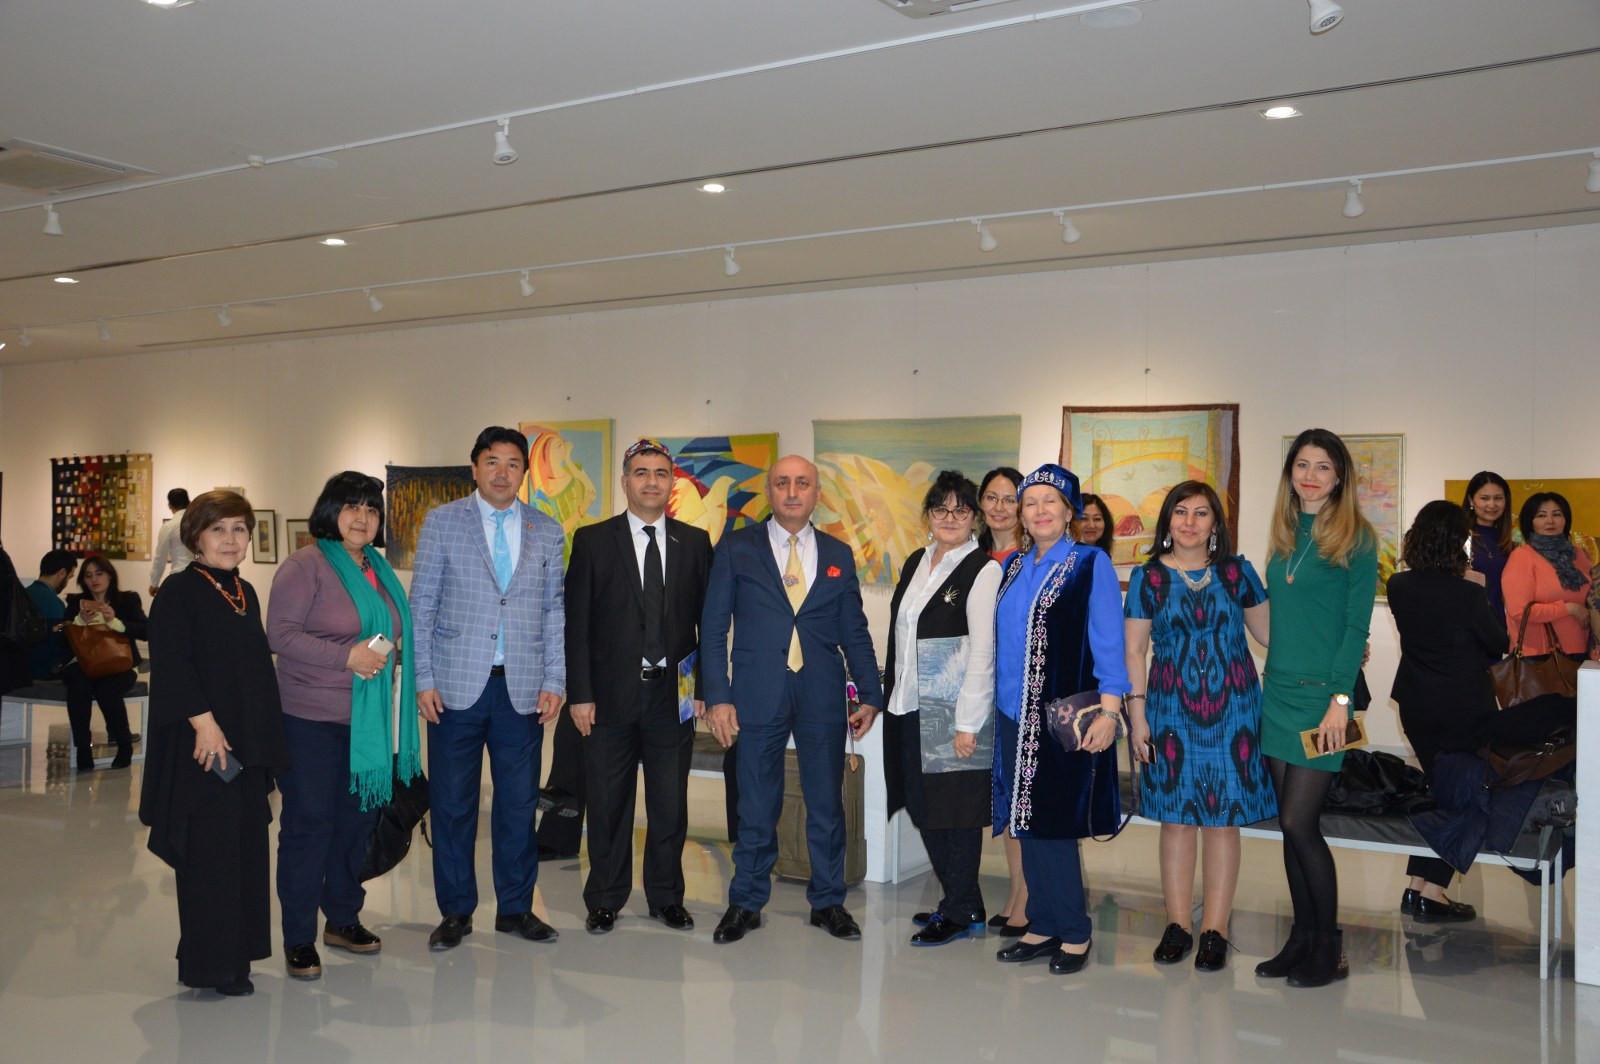 Türk Dünyasından Kadın Sanatçılar İstanbul'da Buluştu Galeri - 17. Resim